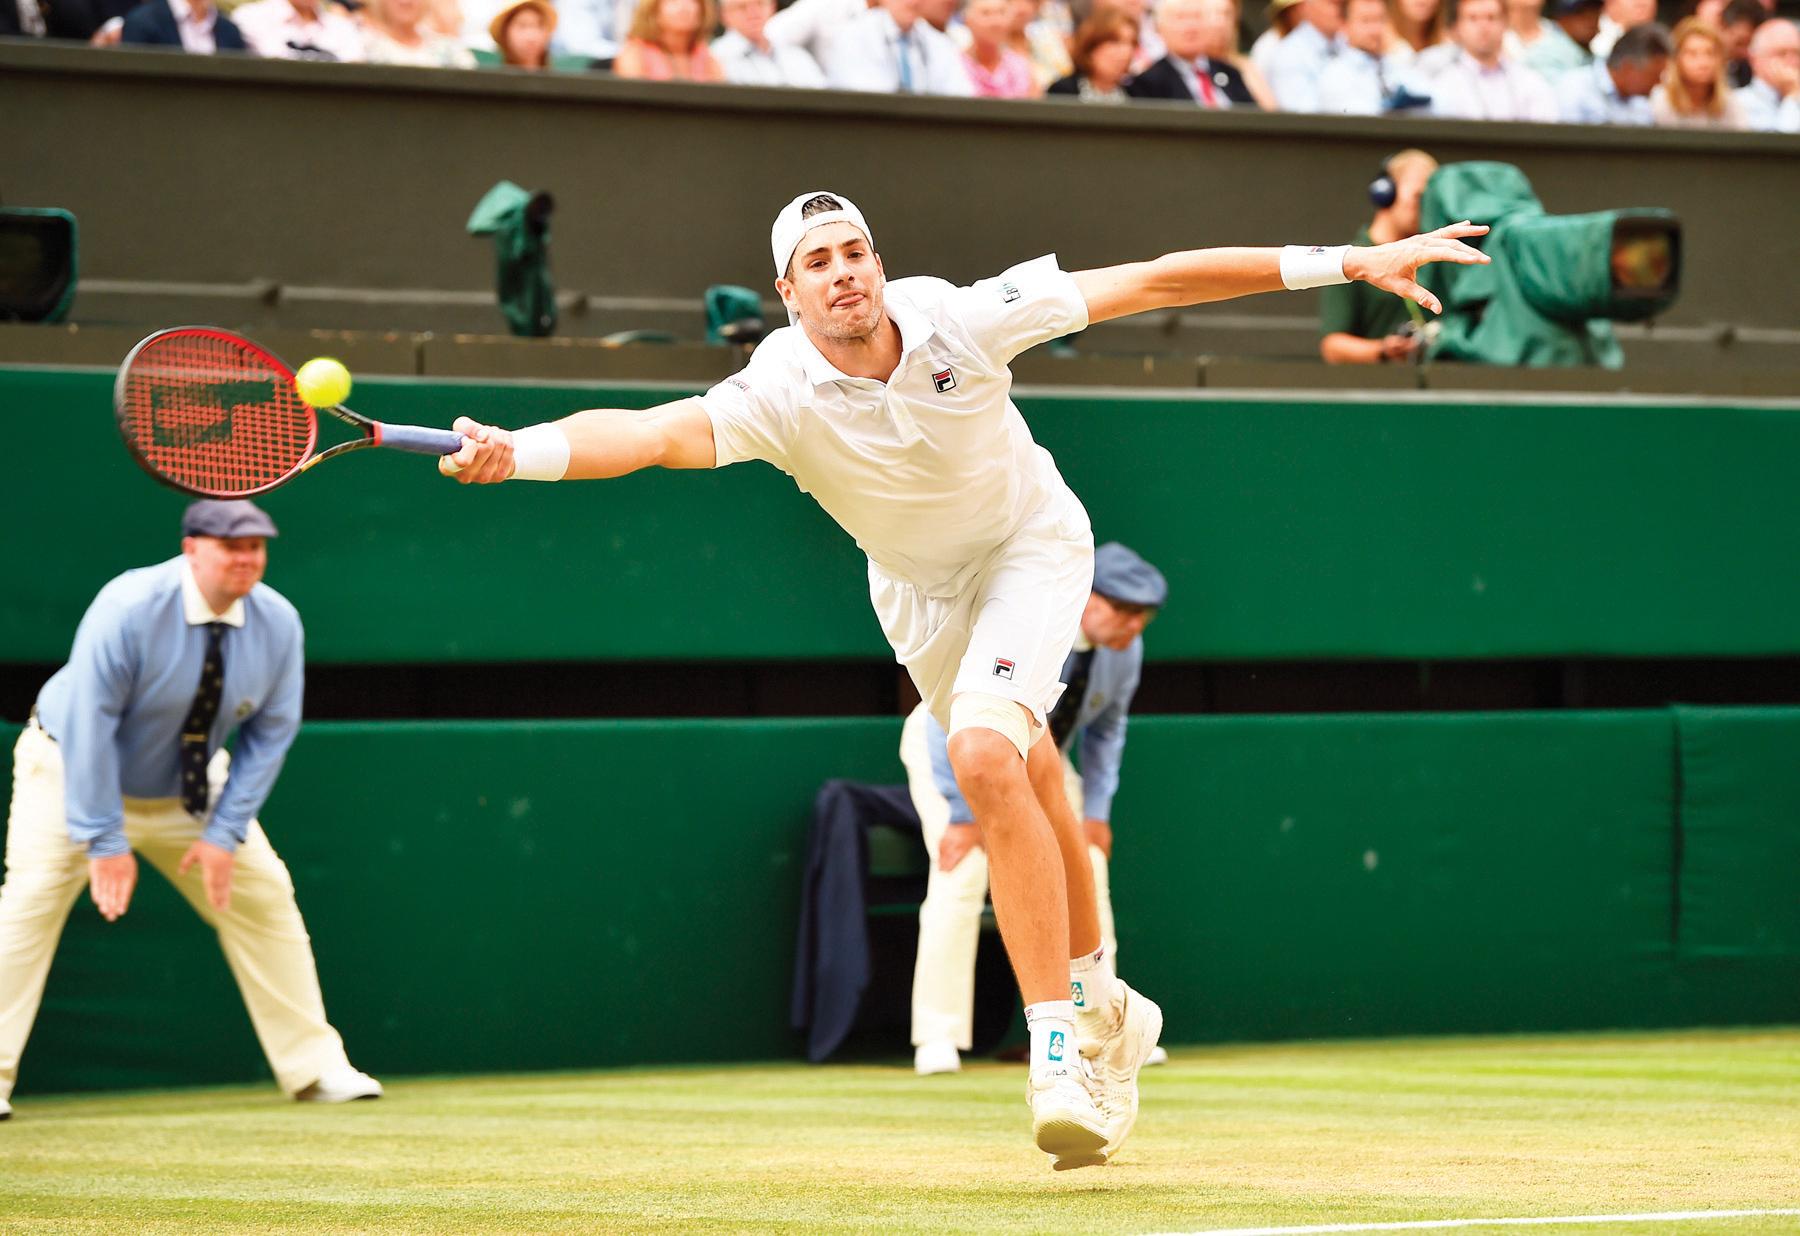 Vuelve el Citi Open de Tenis a DC